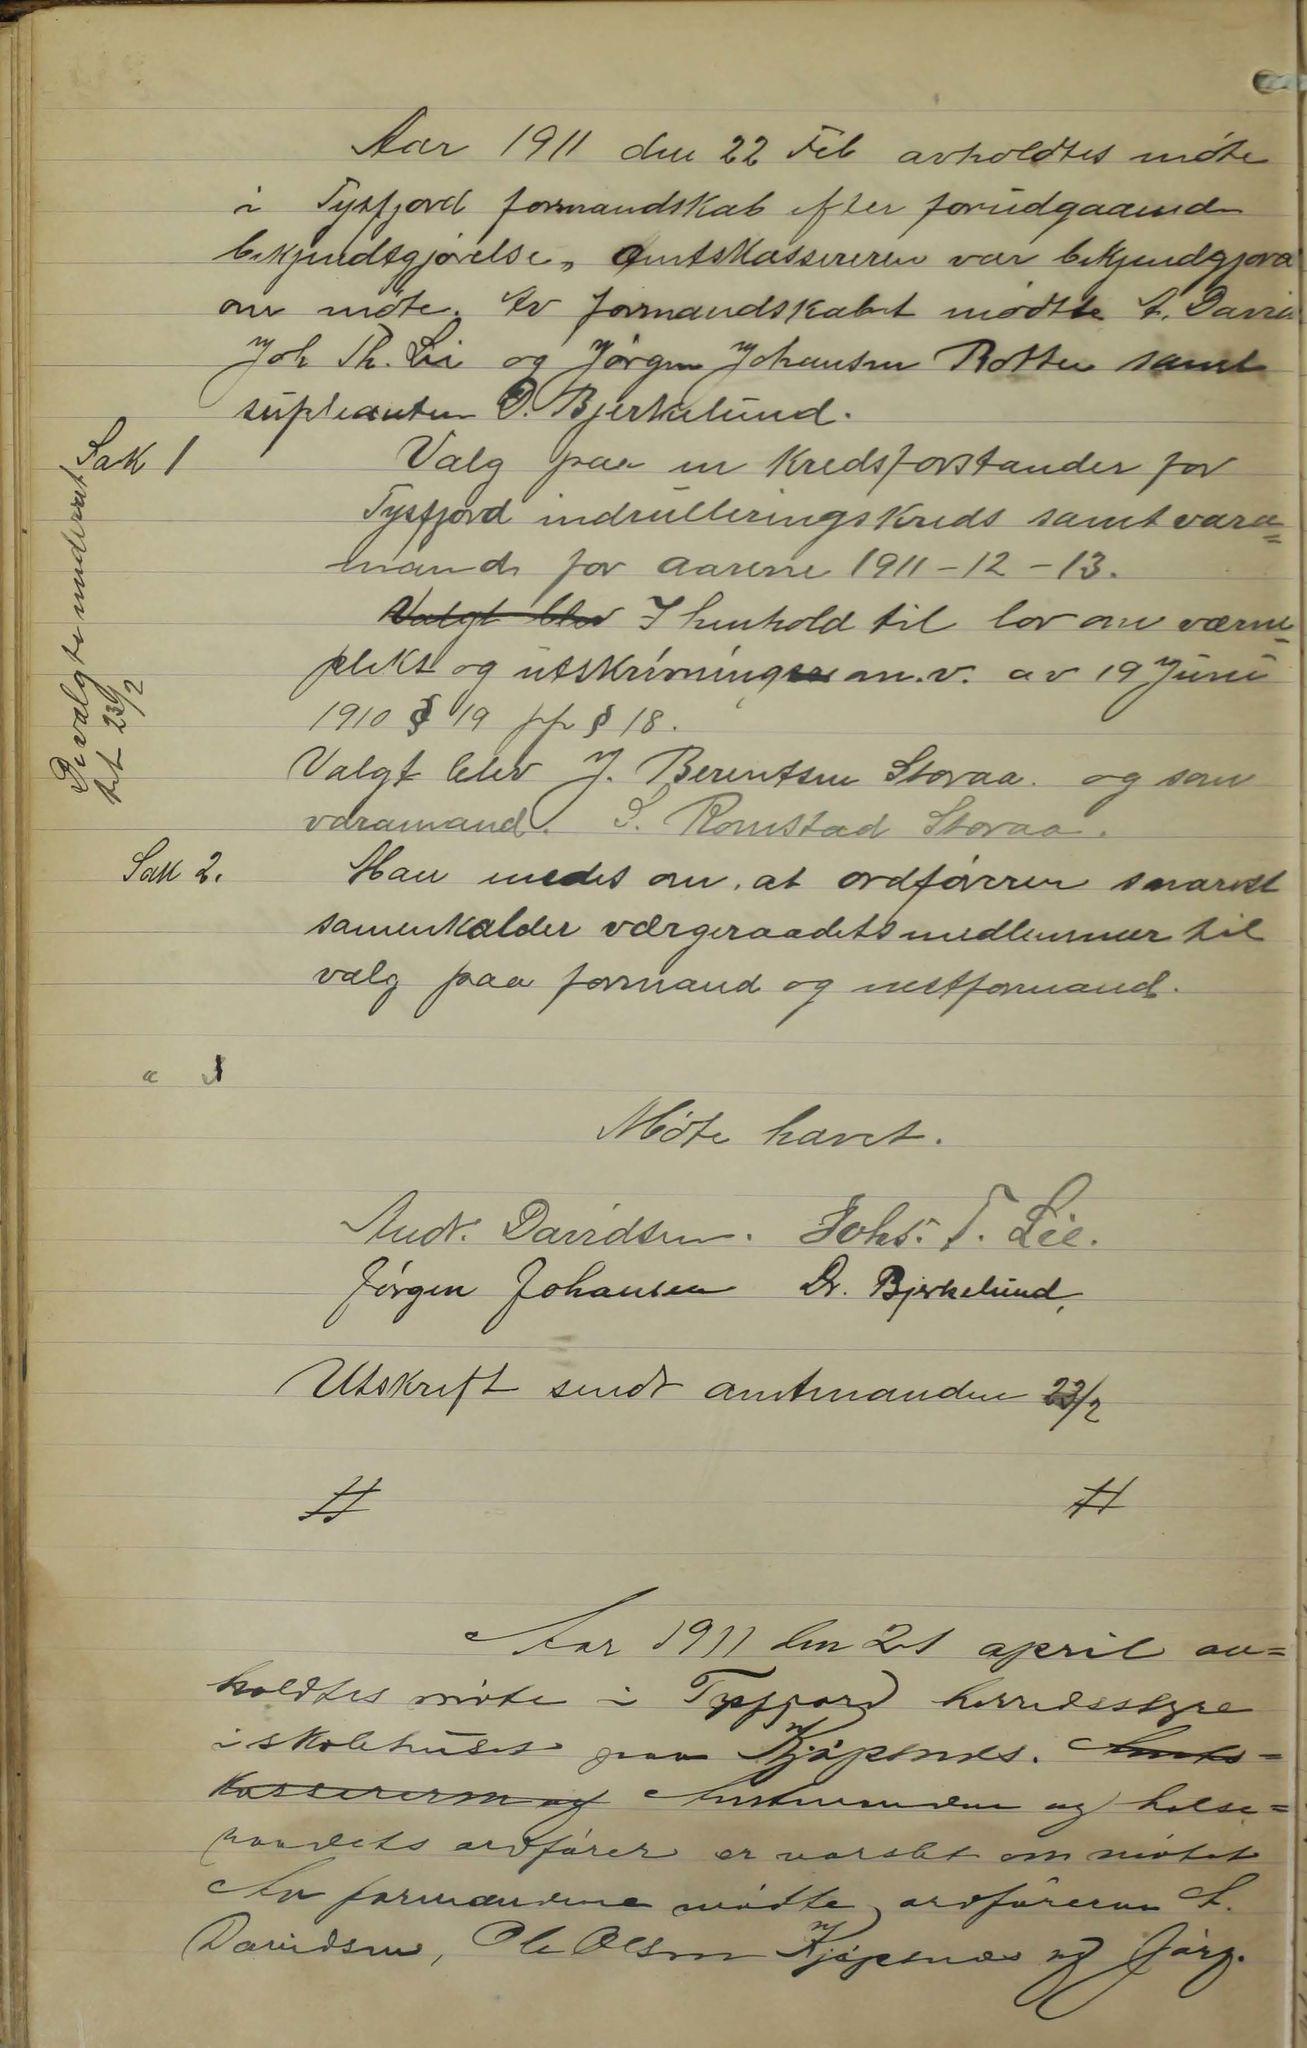 AIN, Tysfjord kommune. Formannskapet, 100/L0002: Forhandlingsprotokoll for Tysfjordens formandskap, 1895-1912, s. 244b